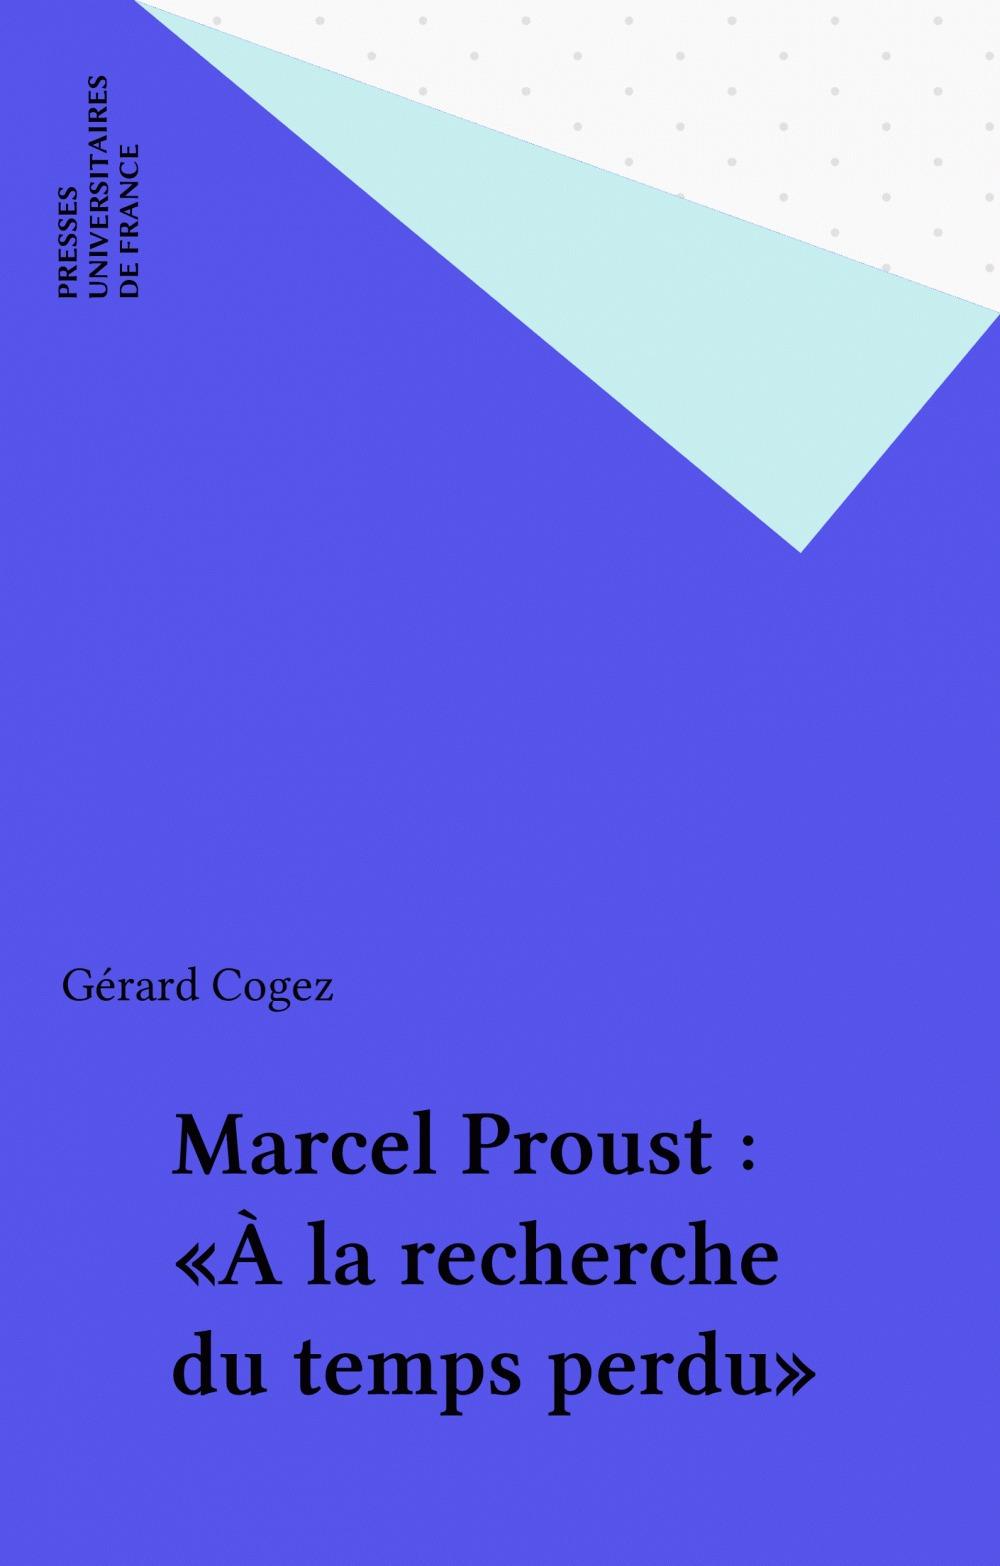 ETUDES LITTERAIRES T.24 ; à la recherche du temps perdu, de Marcel Proust